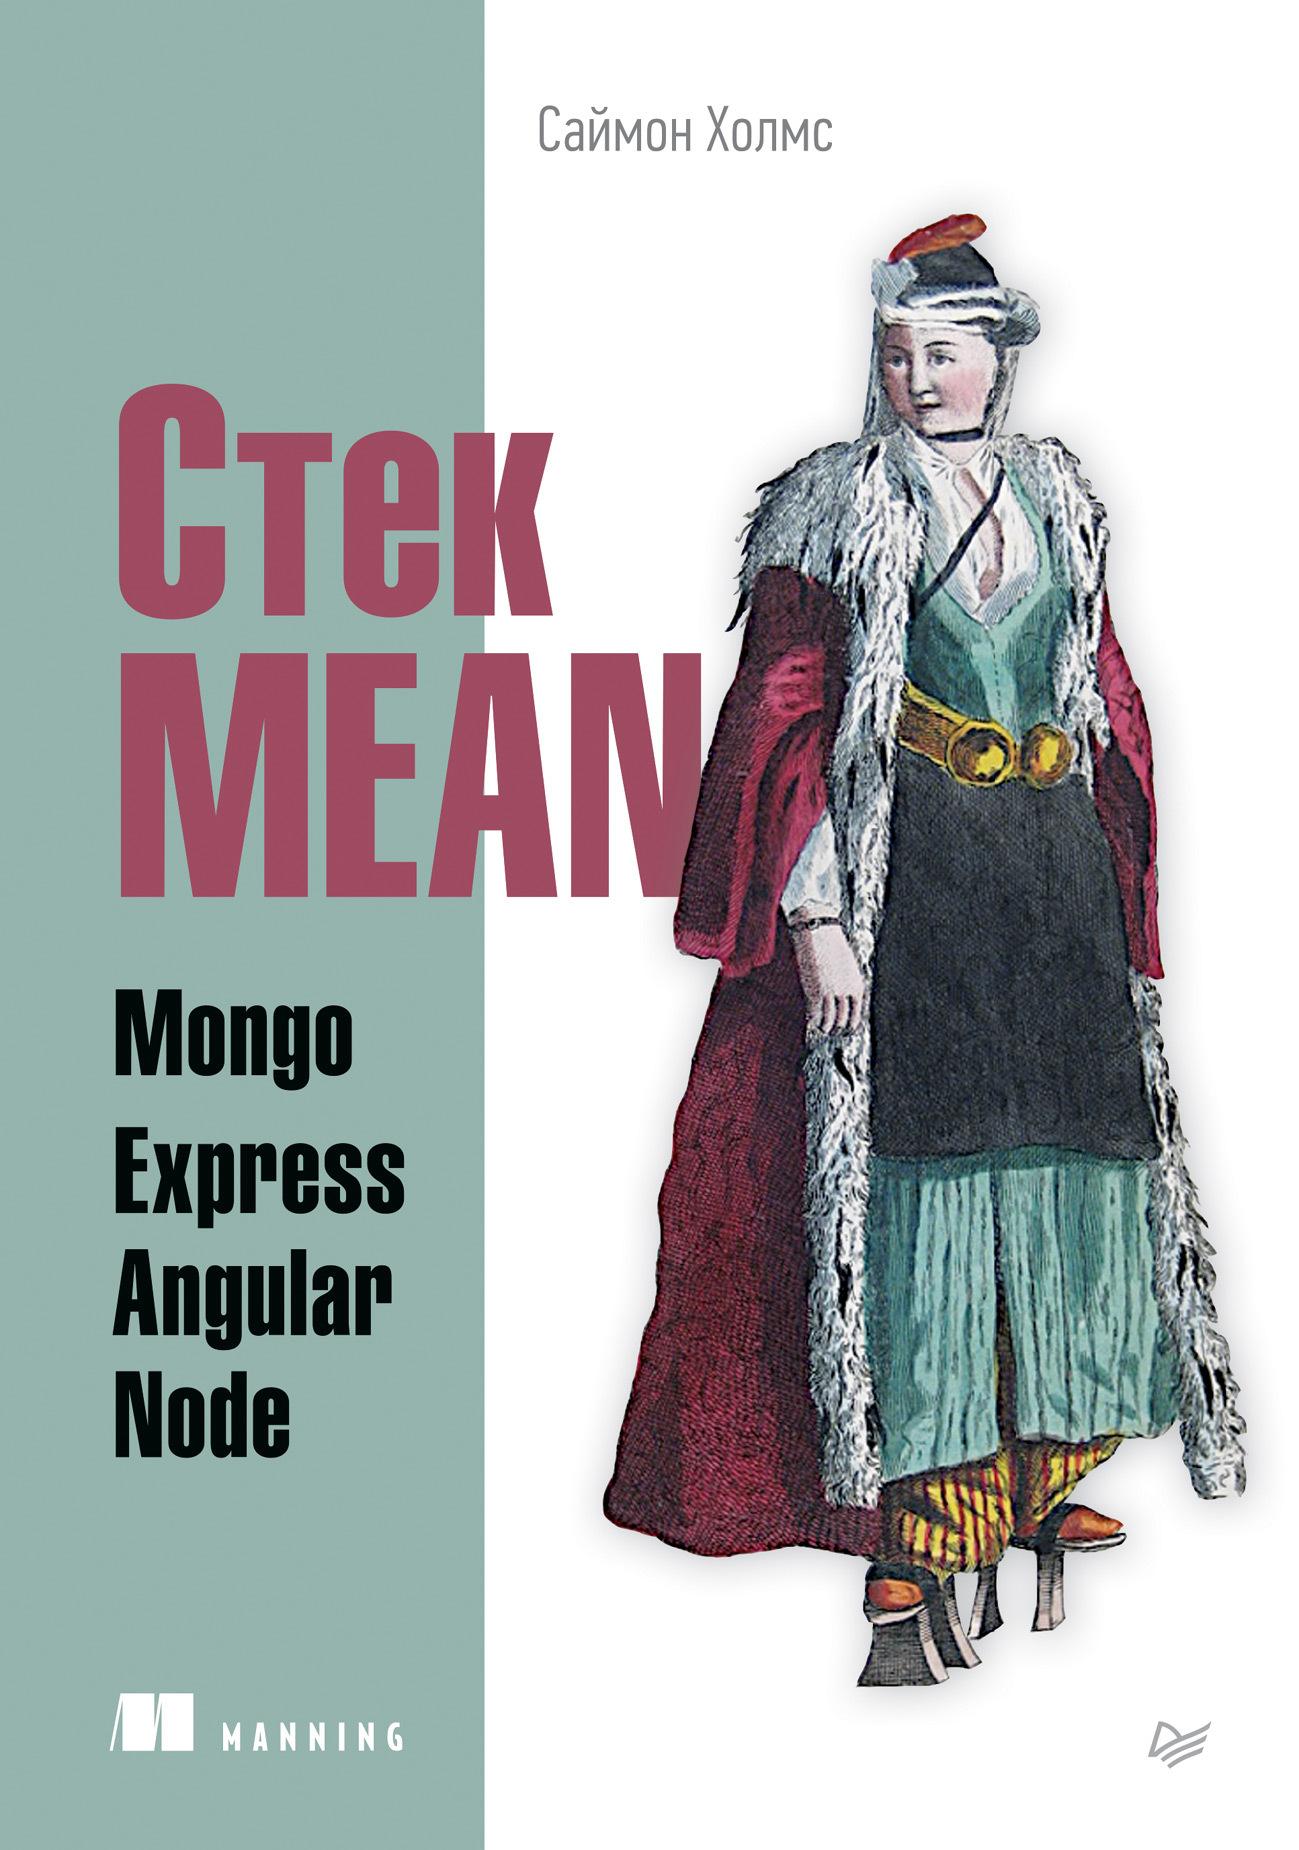 Саймон Холмс Стек MEAN. Mongo, Express, Angular, Node (pdf+epub) книги питер веб разработка с применением node и express полноценное использование стека javascript